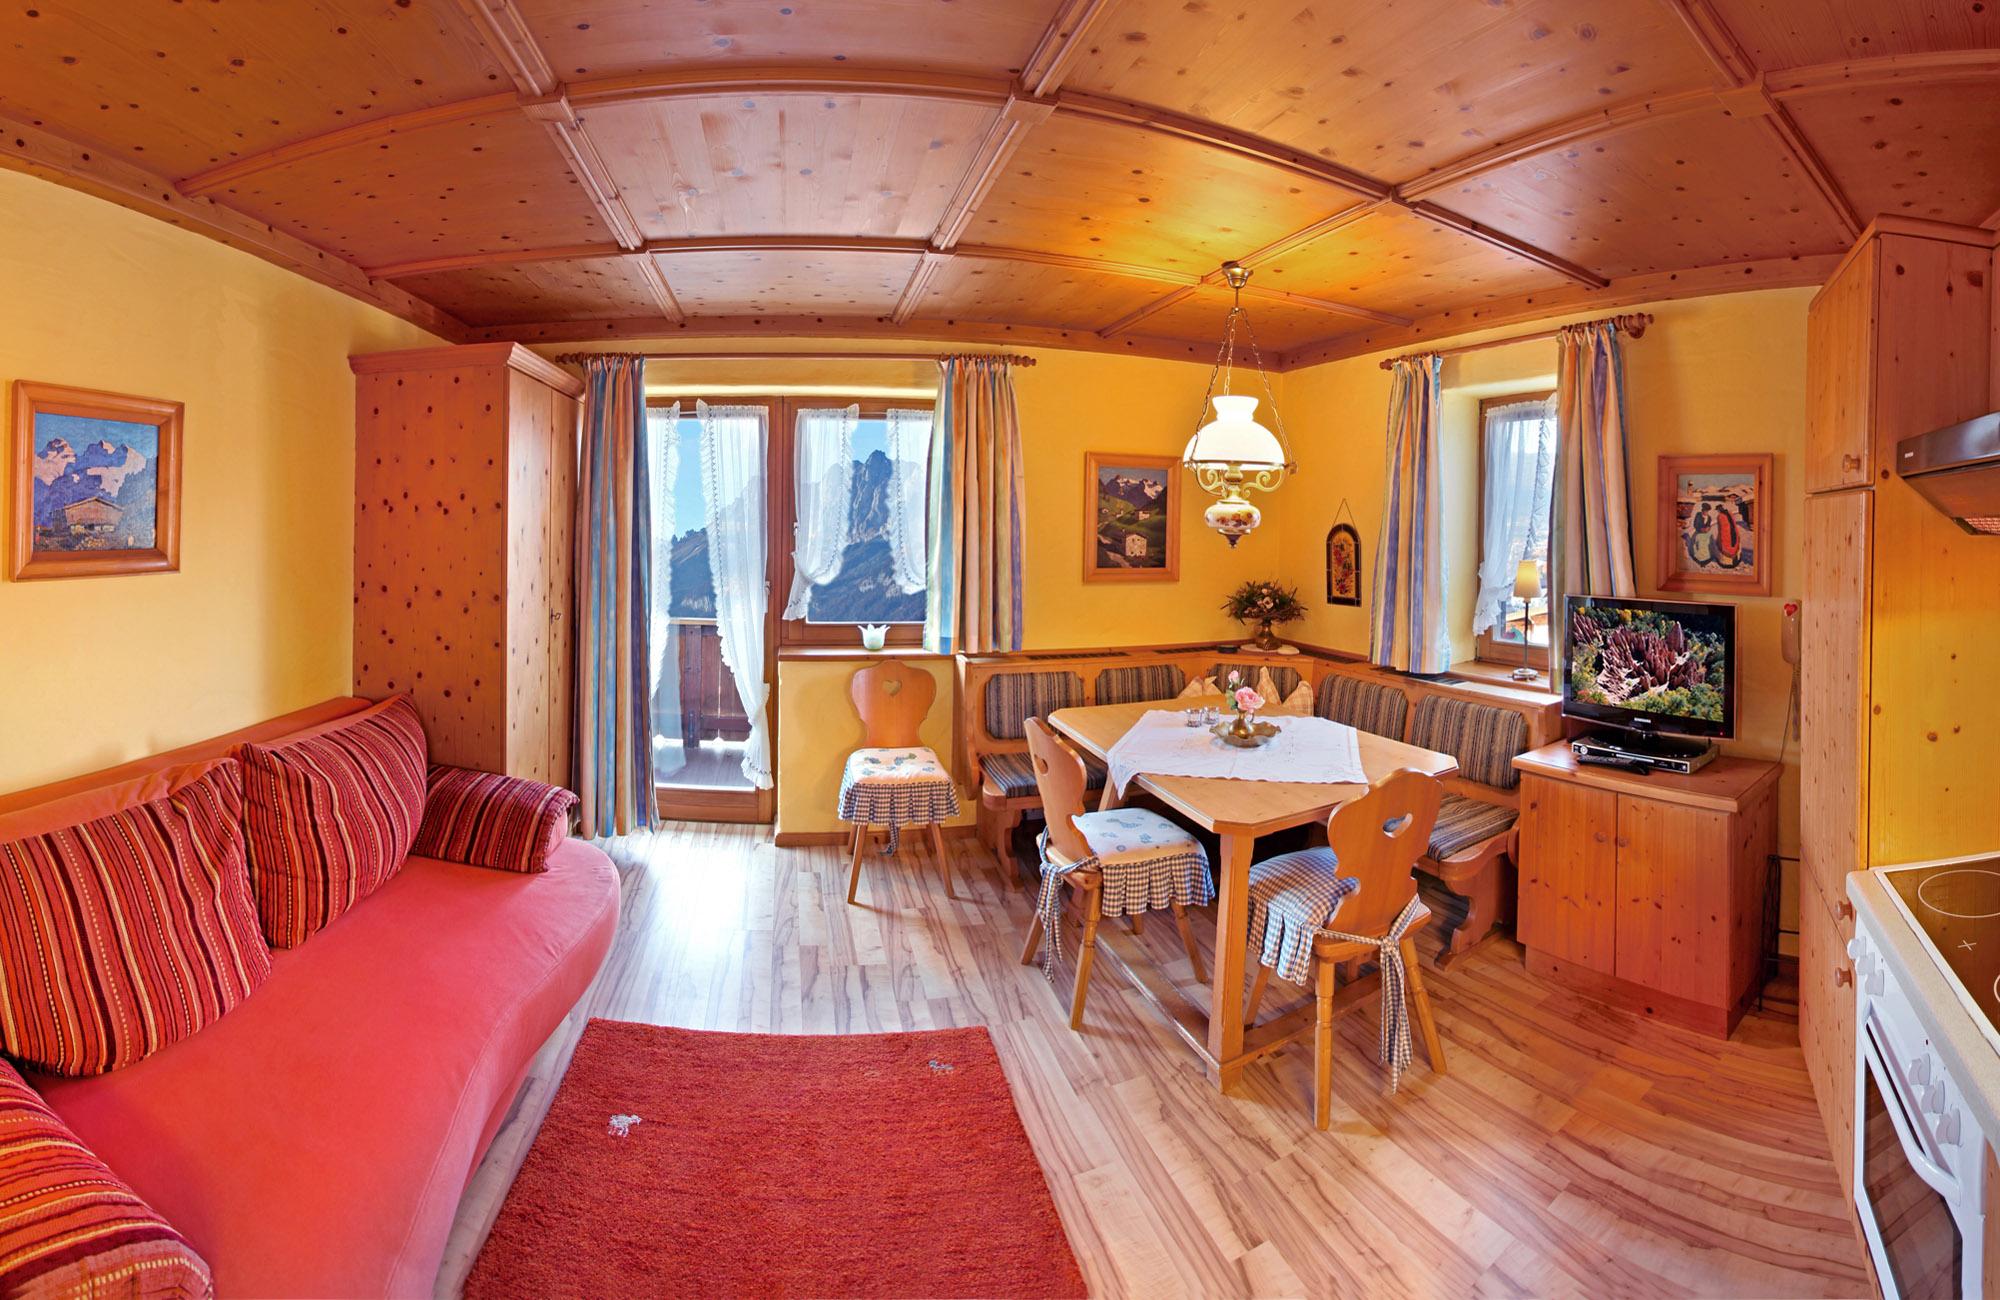 Familienfreundliche Ferienwohnung am Kitzbüheler Horn mit Panoramablick direkt an der Skipiste 3